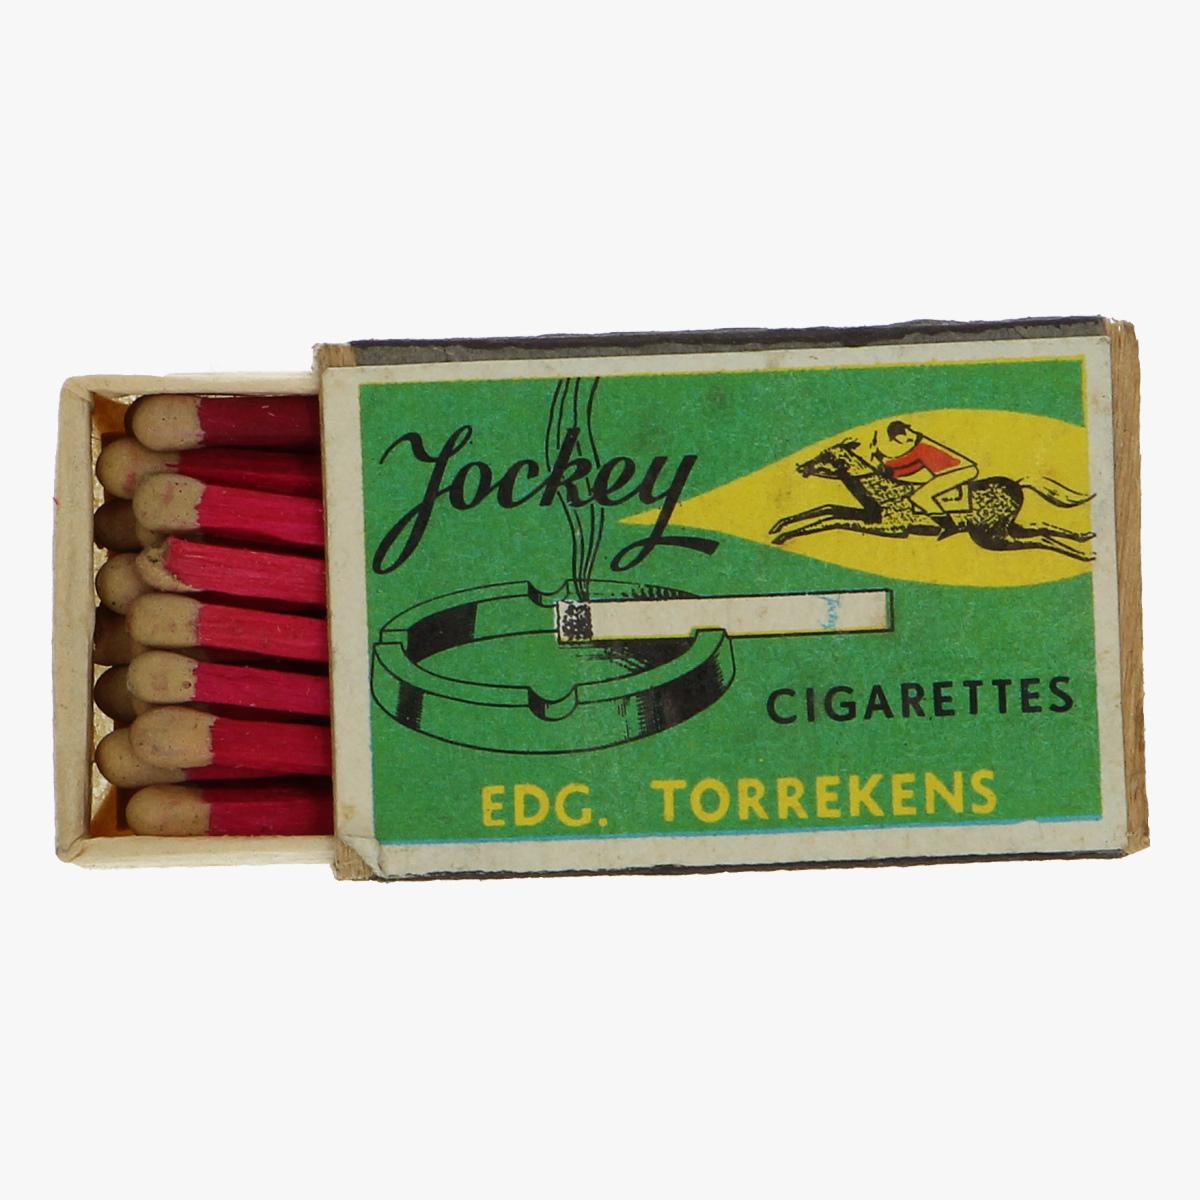 Afbeeldingen van oude luciferdoosje Jockey